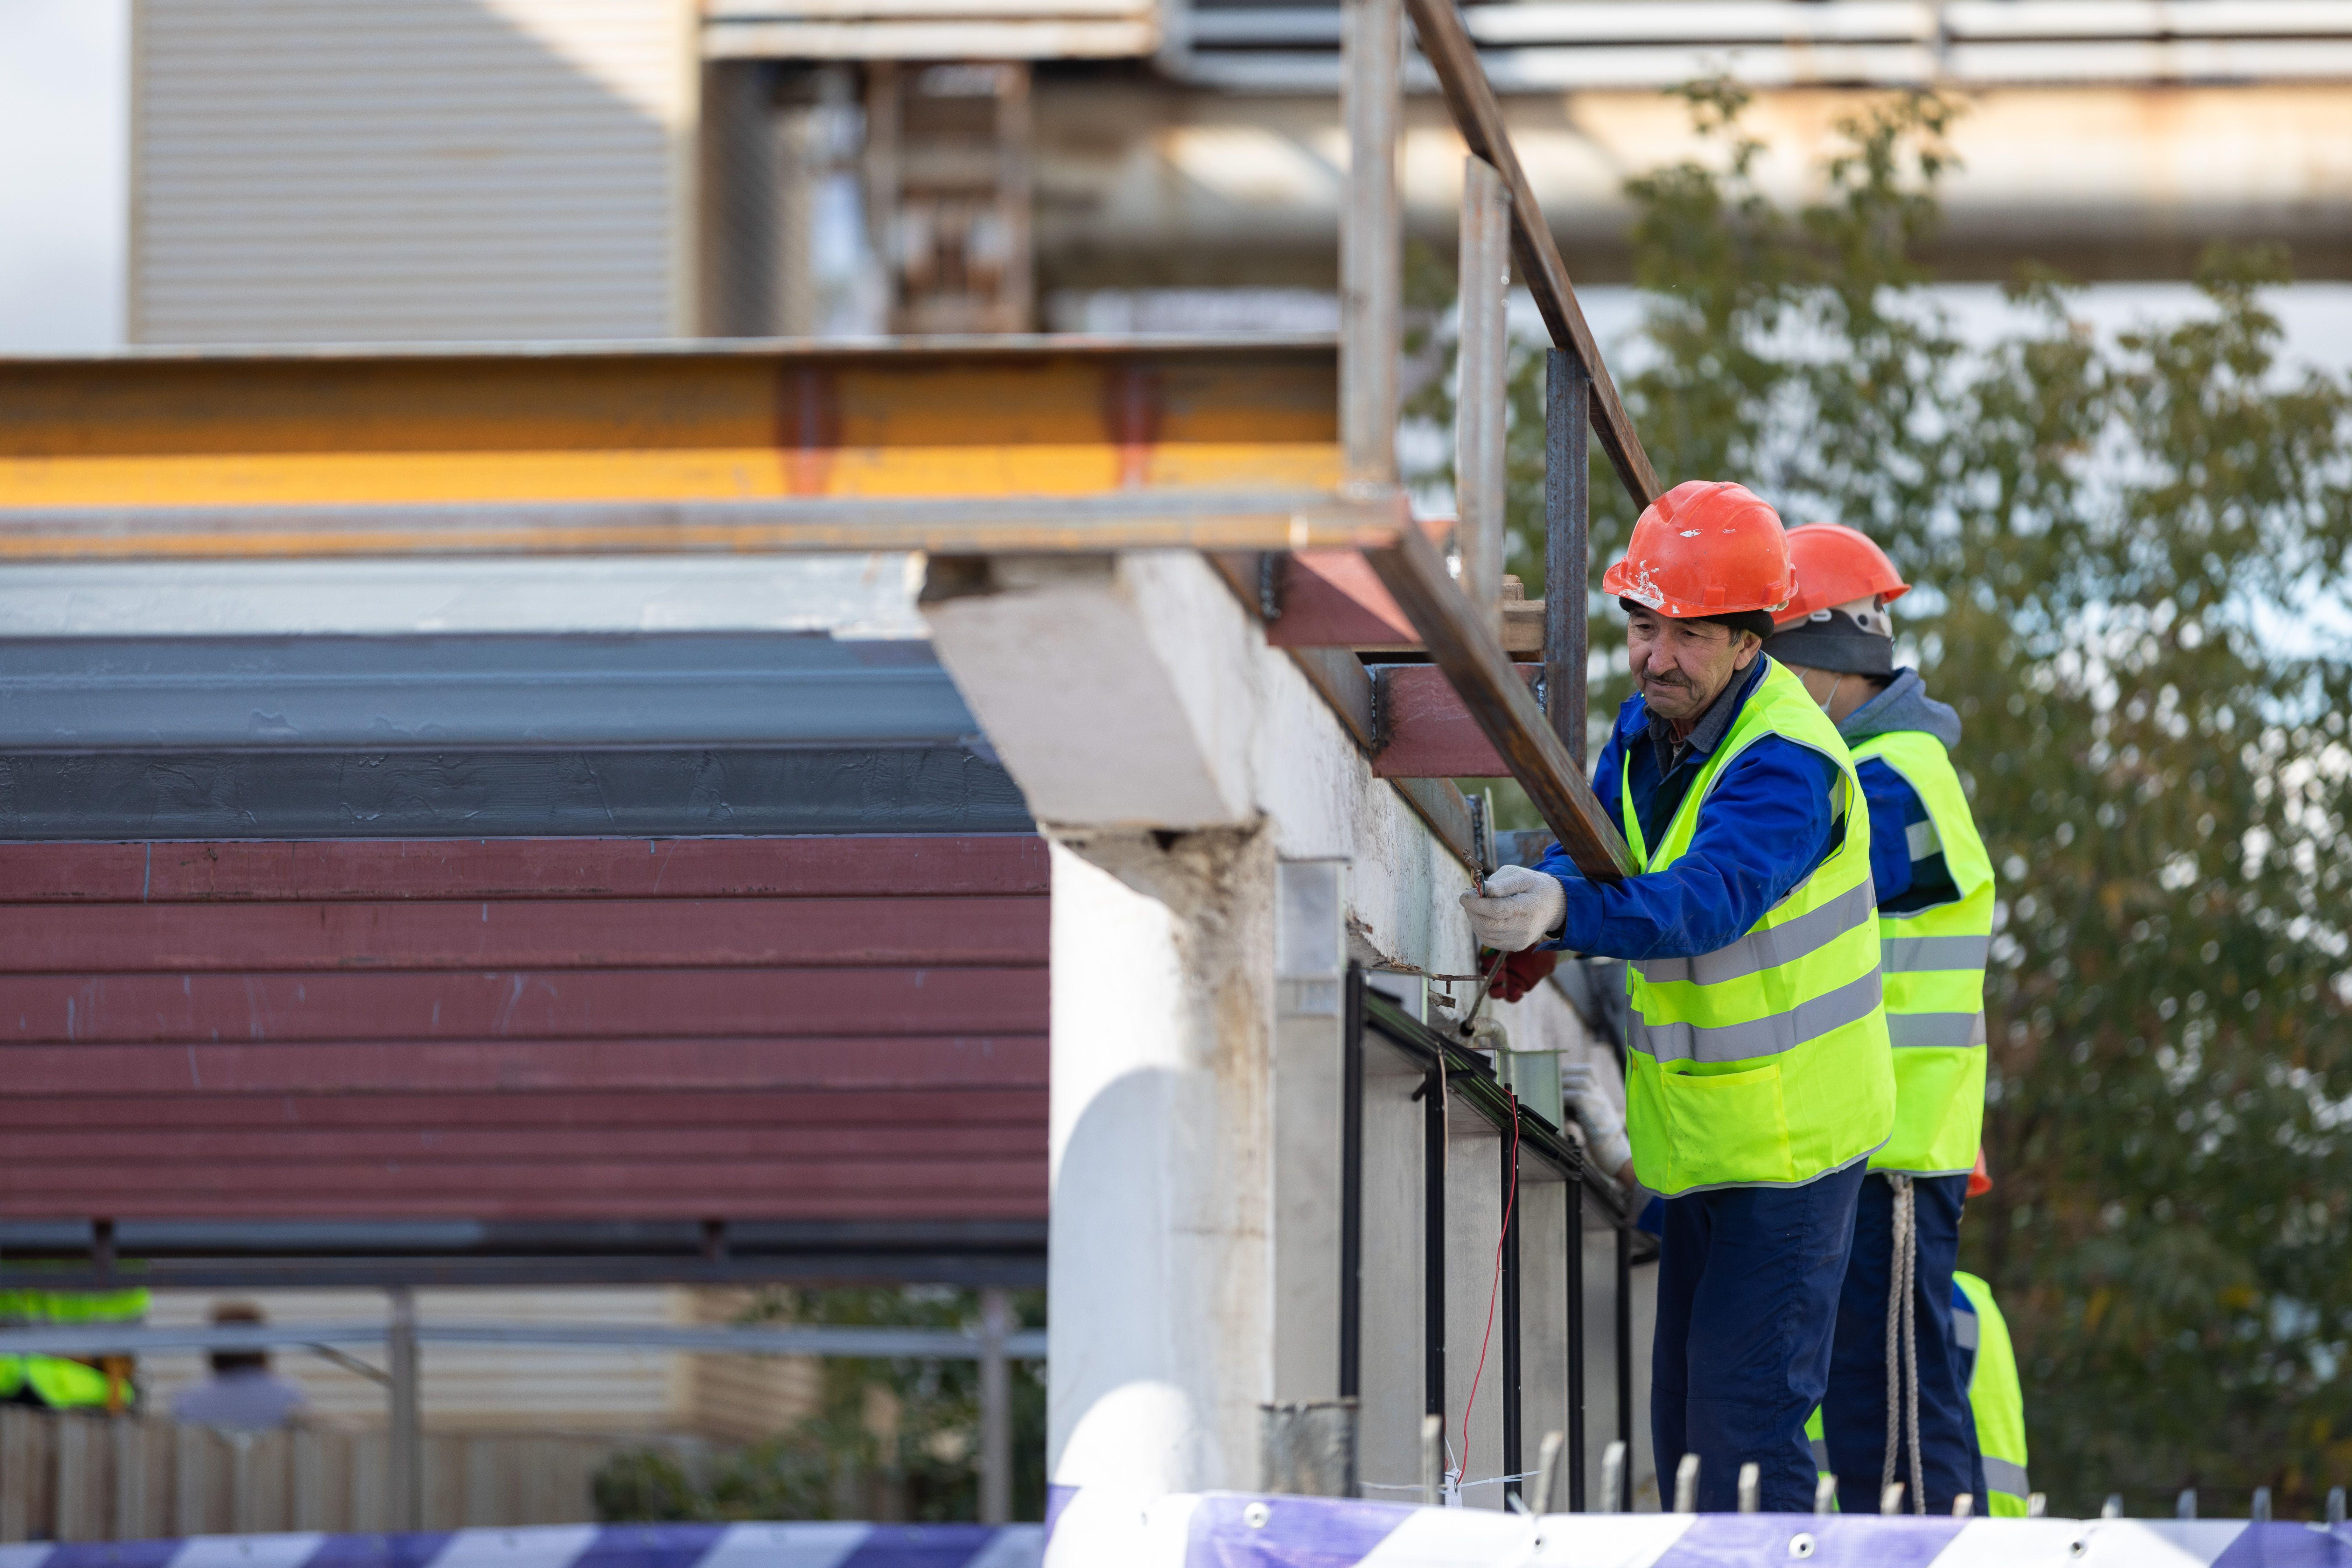 Навесы «Огни города» установят около станции «Беговая» к запуску МЦД. Фото: пресс-служба Департамента транспорта